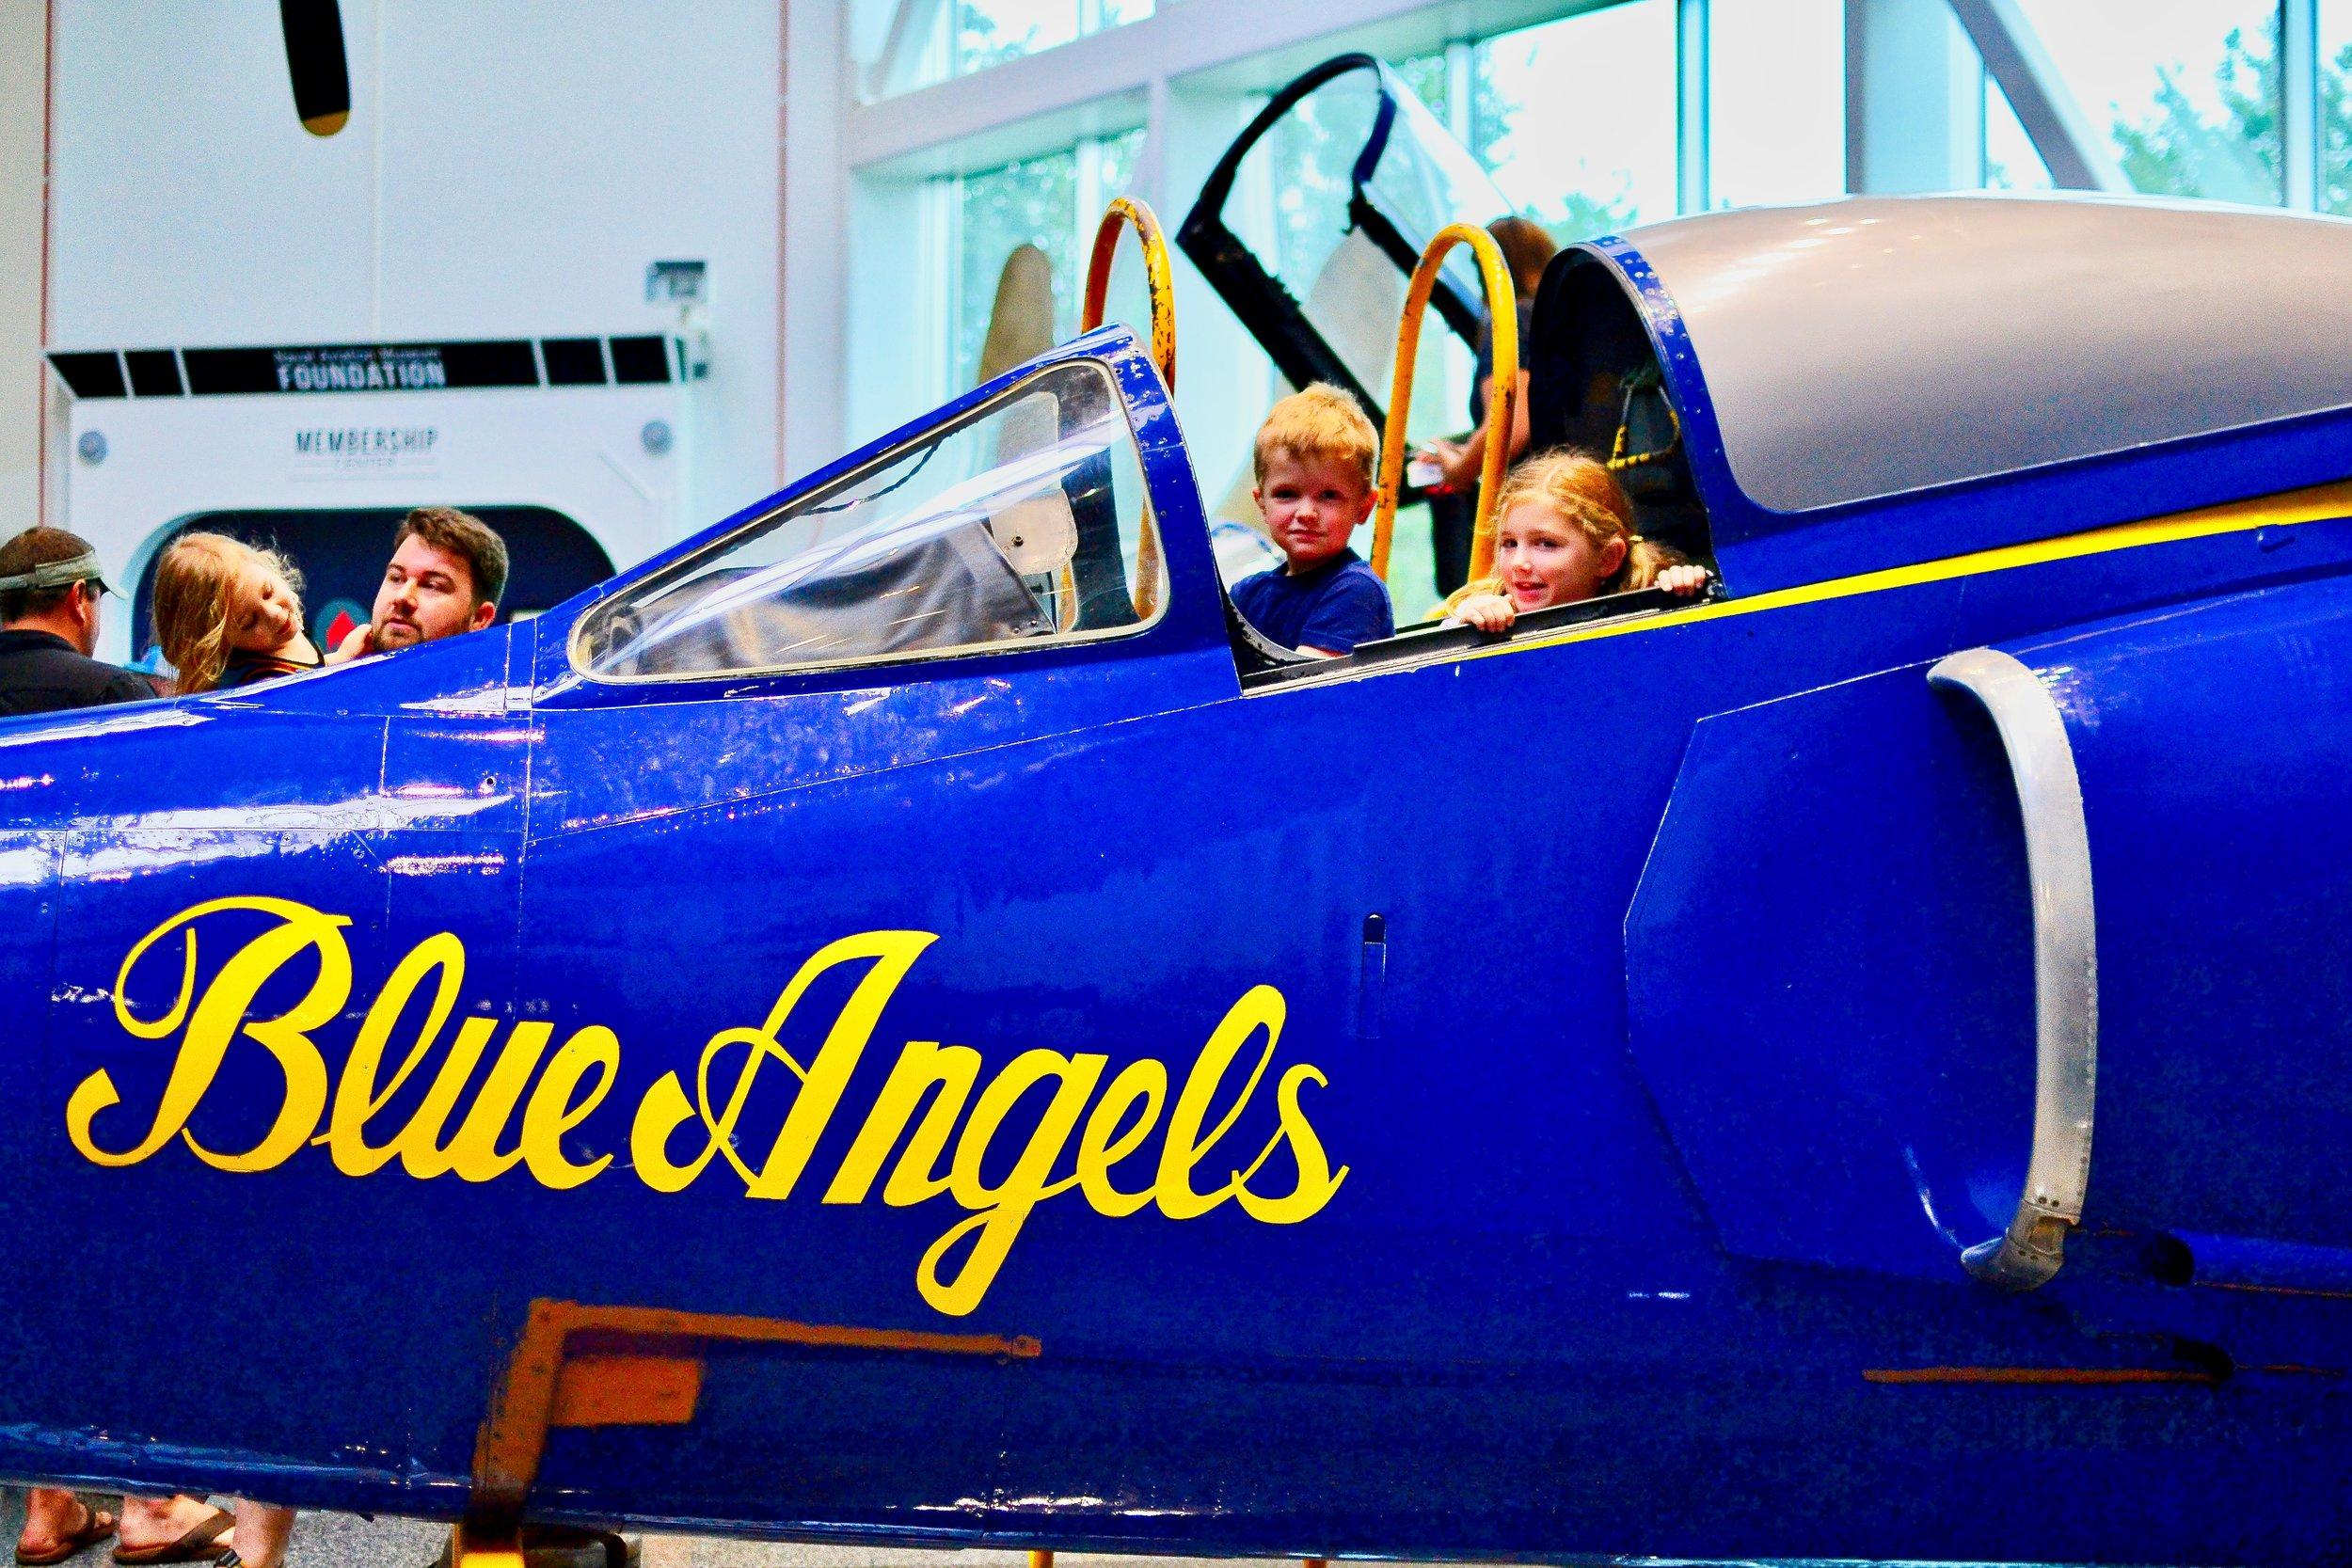 kids in plane.jpeg